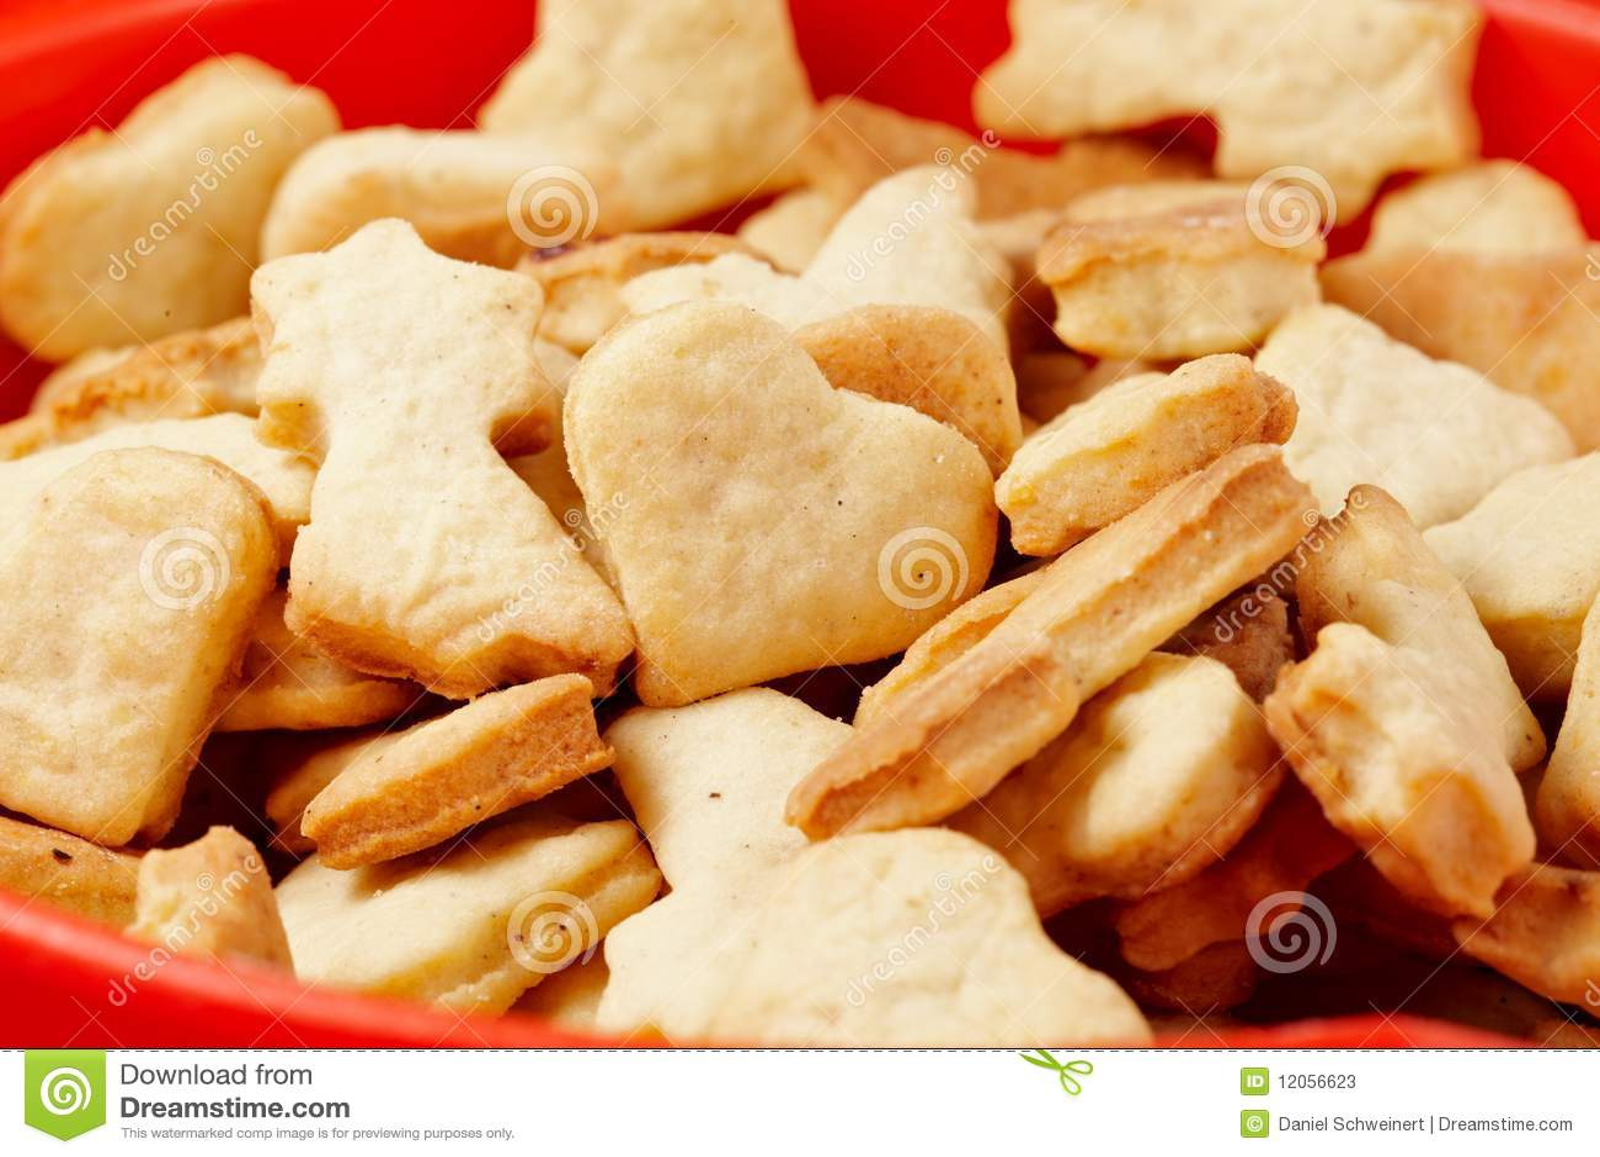 Homemade Christmas Cookies Stock Photos   Image  12056623 99TbUQgG